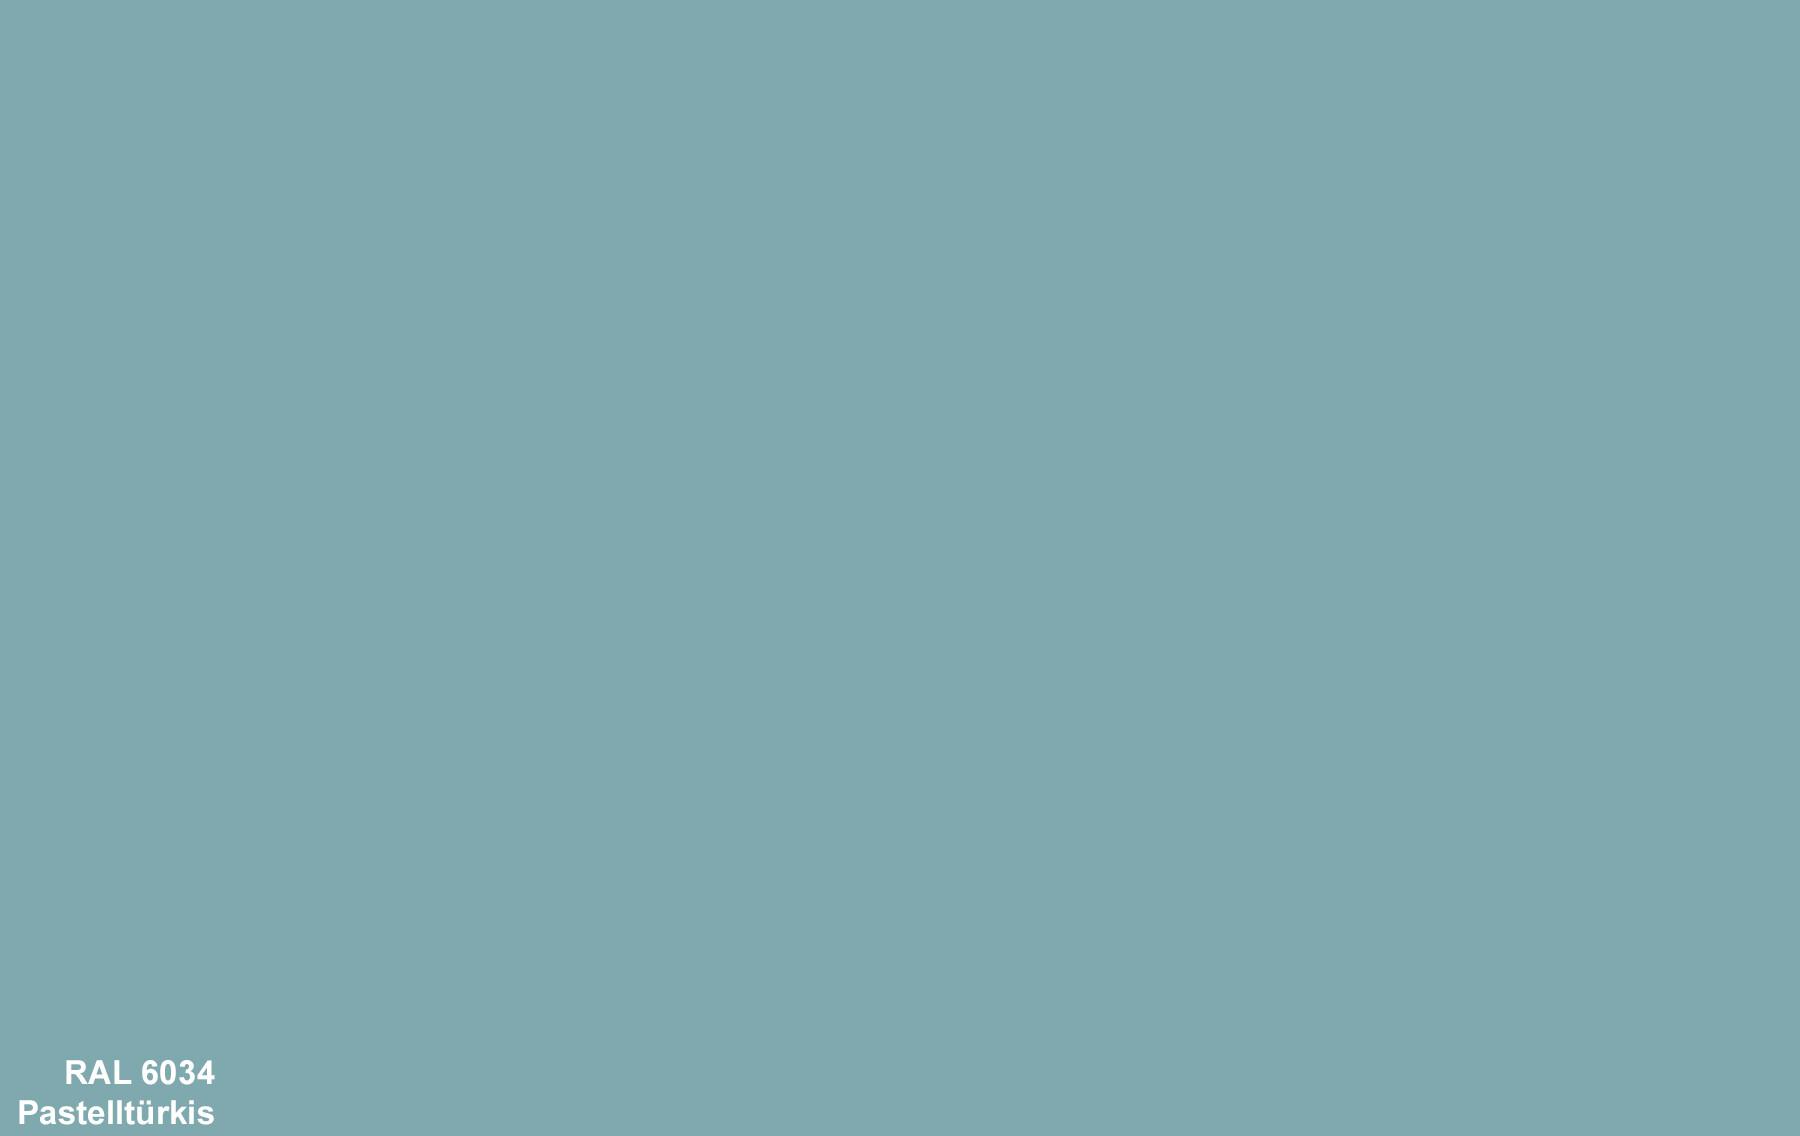 PlateART Duschrückwand mit Motiv RAL 6034 Pastelltürkis